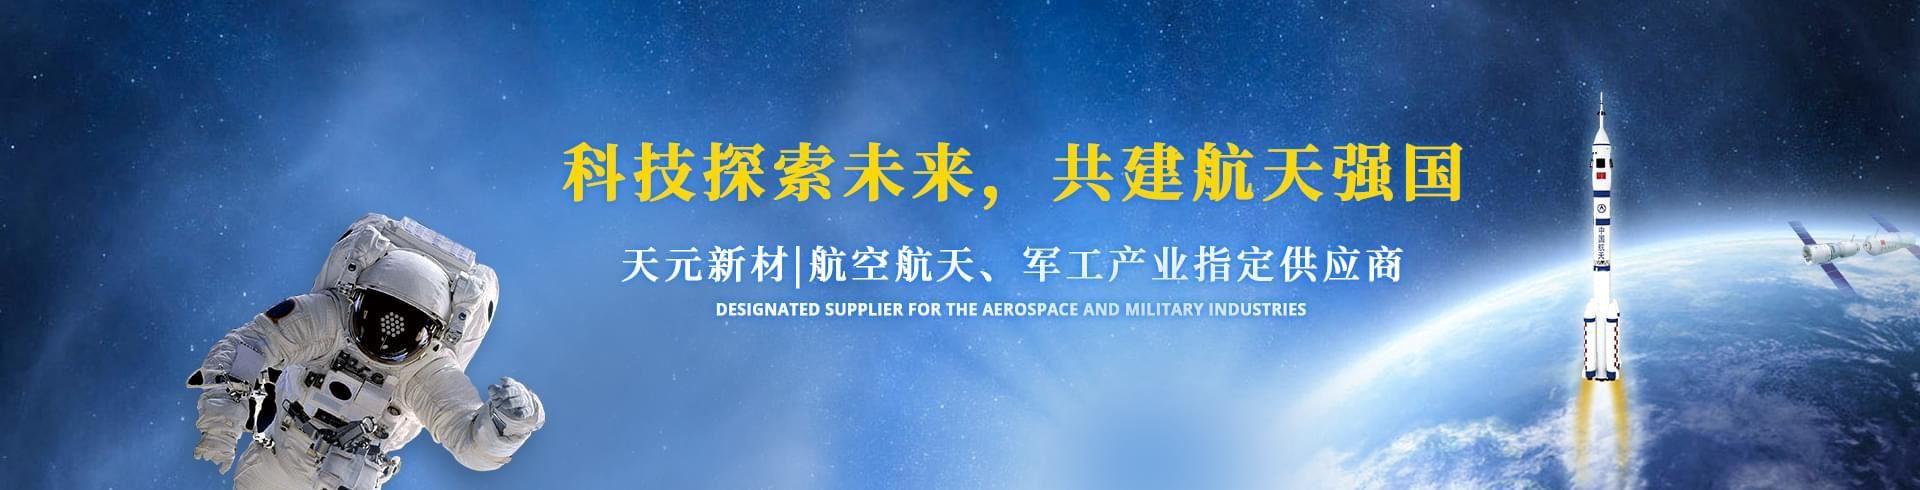 科技探索未来宝盈网赌下载,共建航天强国PC